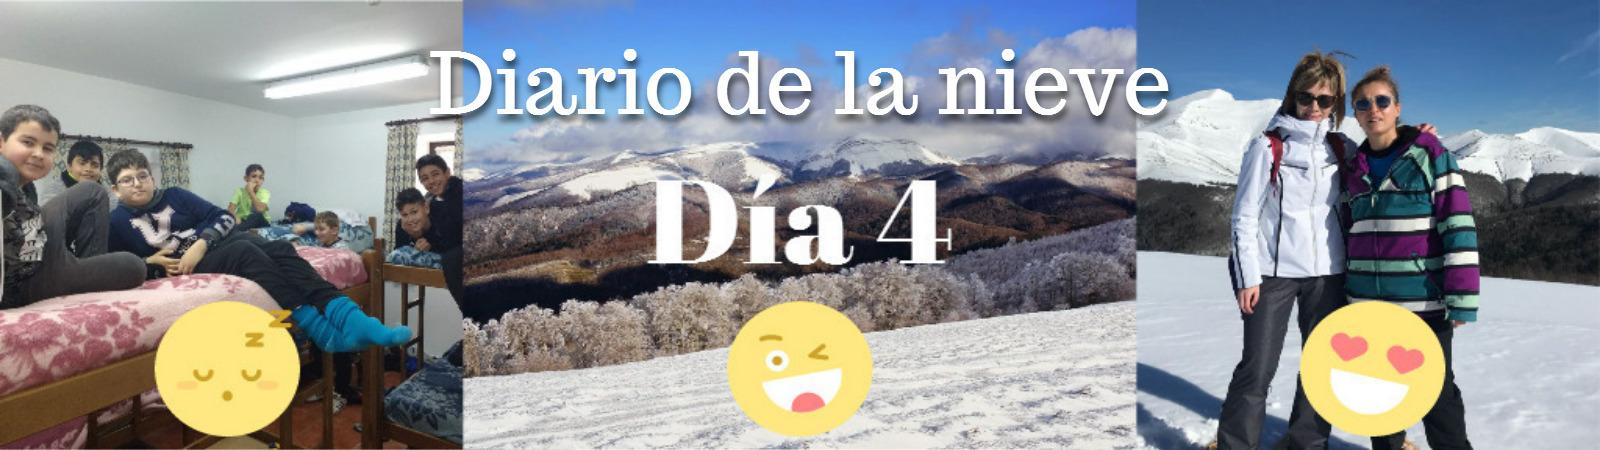 Diario de la nieve (Día 4)